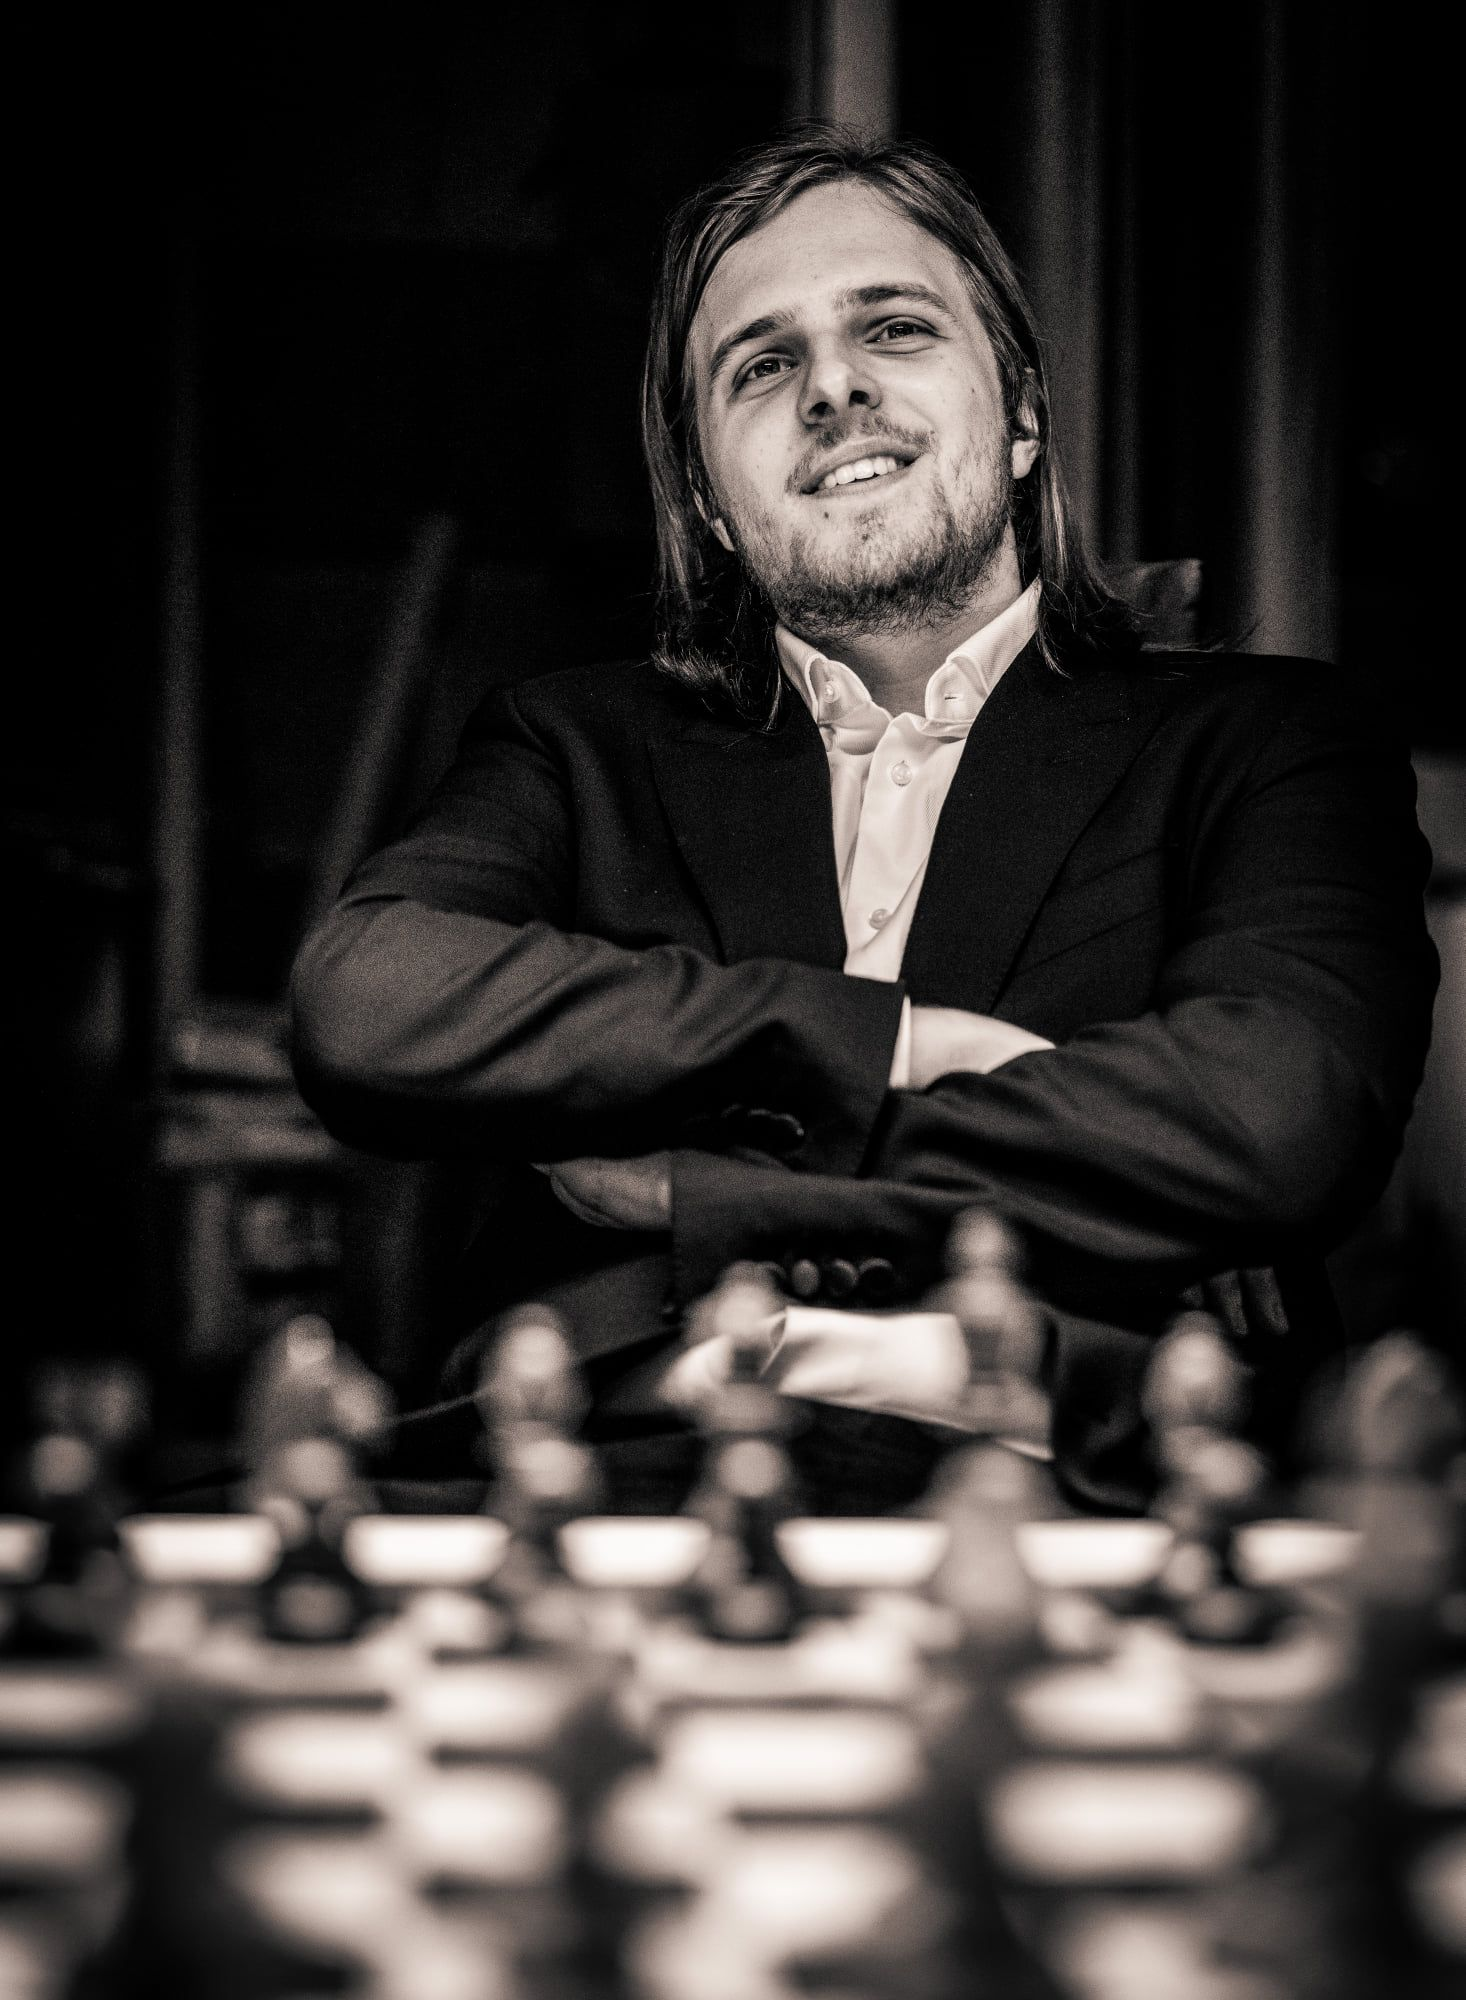 Richard Rapport chess portrait